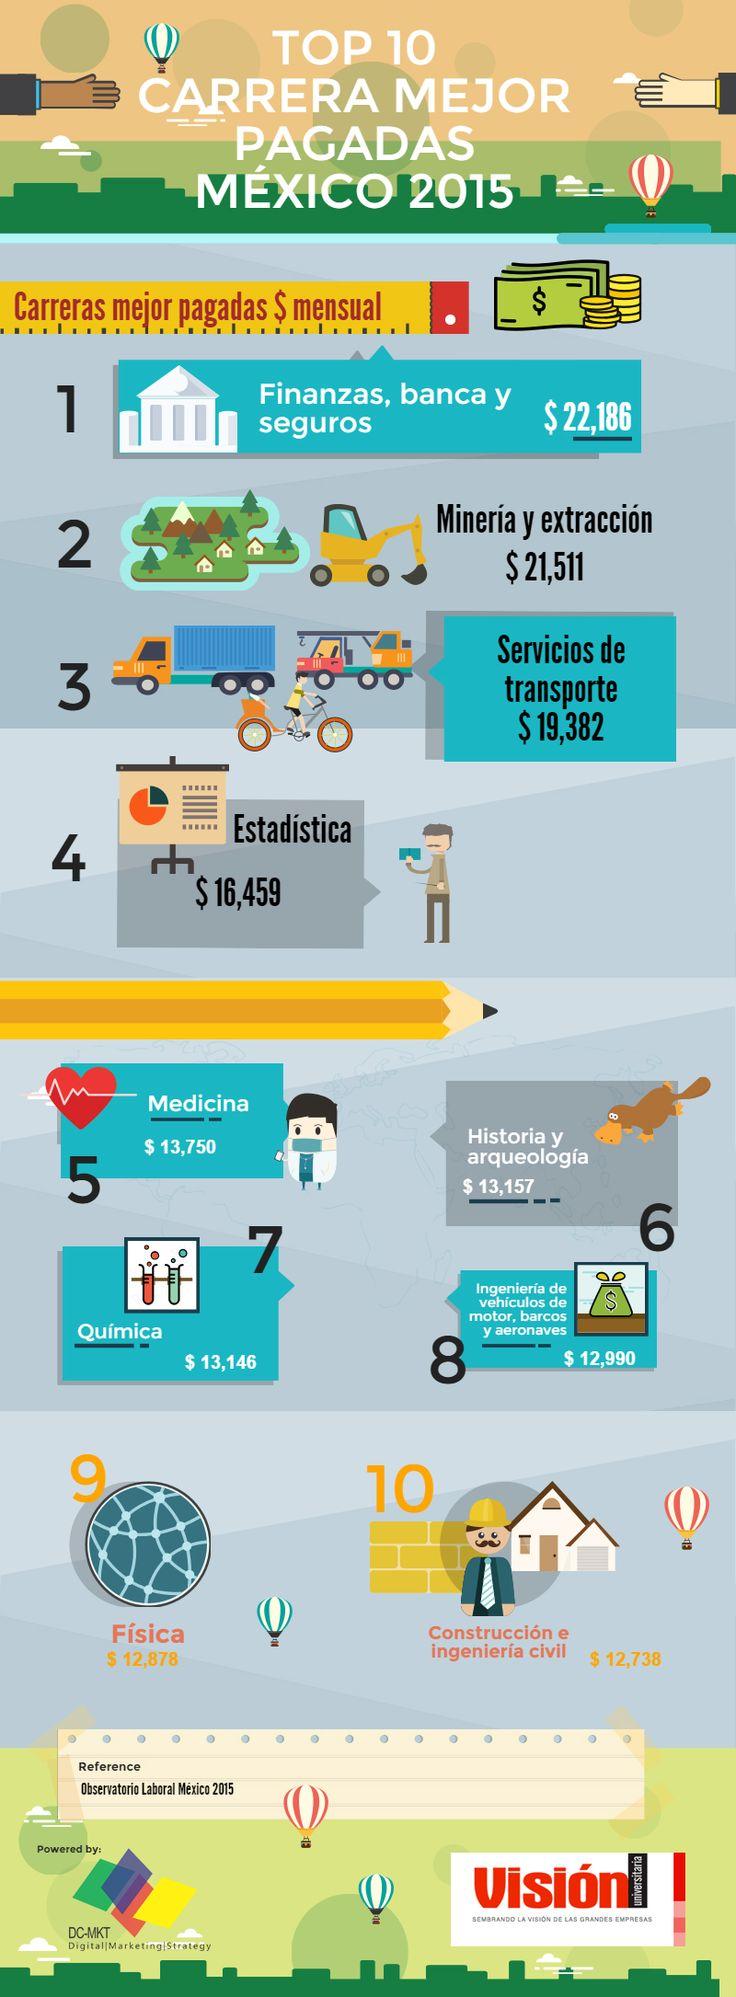 ¿Quieres estudiar la carrera mejor pagada de México? el Observatorio Laboral  presentó las 10 carreras con mejores ingresos.